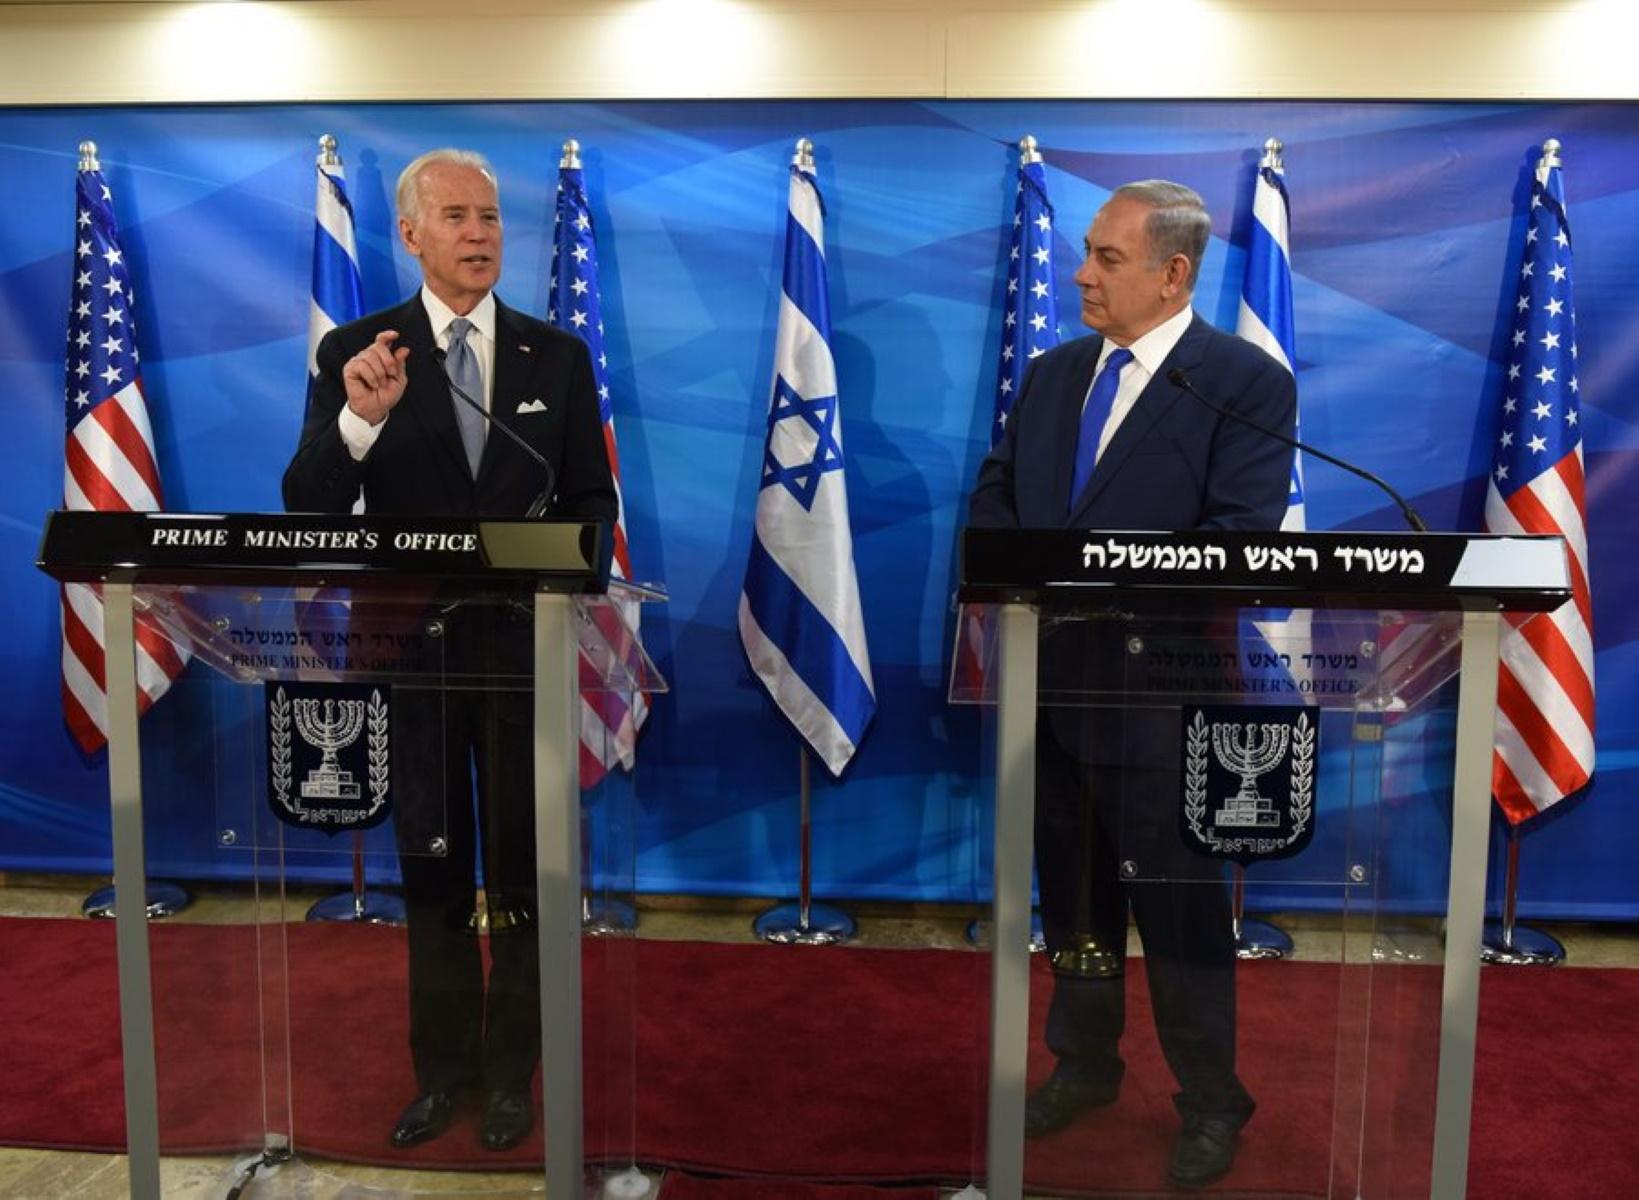 Παρέμβαση ΗΠΑ για το Μεσανατολικό – «Το Ισραήλ έχει δικαίωμα να υπερασπιστεί τον εαυτό του»